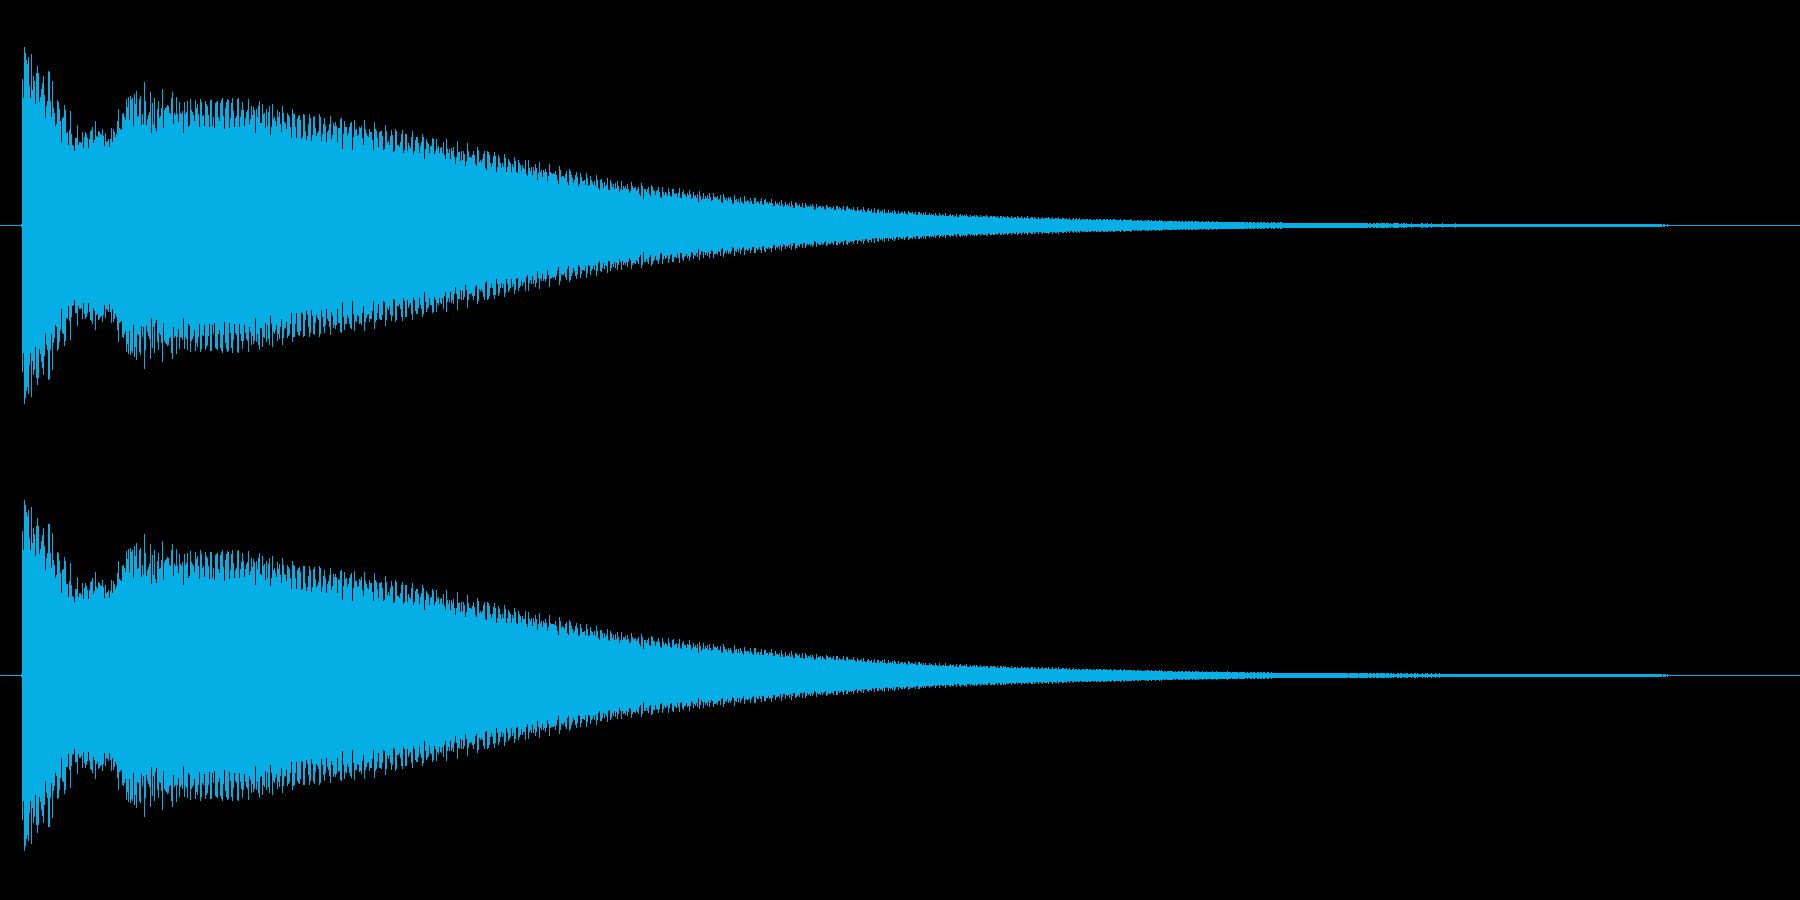 チ〜ン(高音の良く響くチャイム音)の再生済みの波形